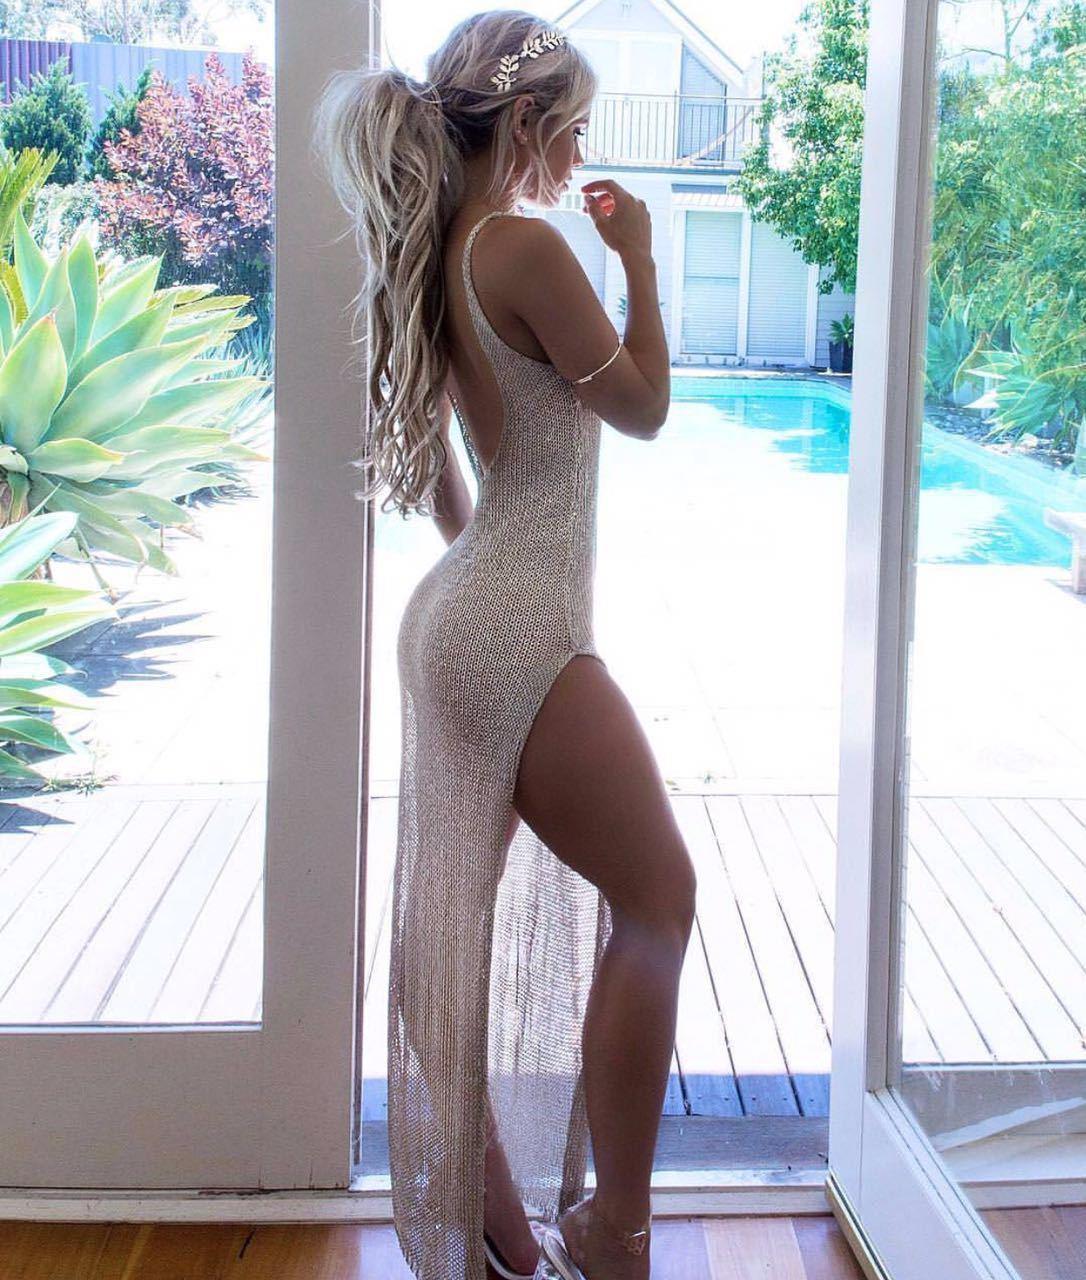 Neue Heiße Verkauf UK Lager Frauen Badeanzug Bikini Cover Up Strand Kleid Bademode Badeanzug Kleid-in Jacke & Co aus Sport und Unterhaltung bei Aliexpress.com | Alibaba Gruppe